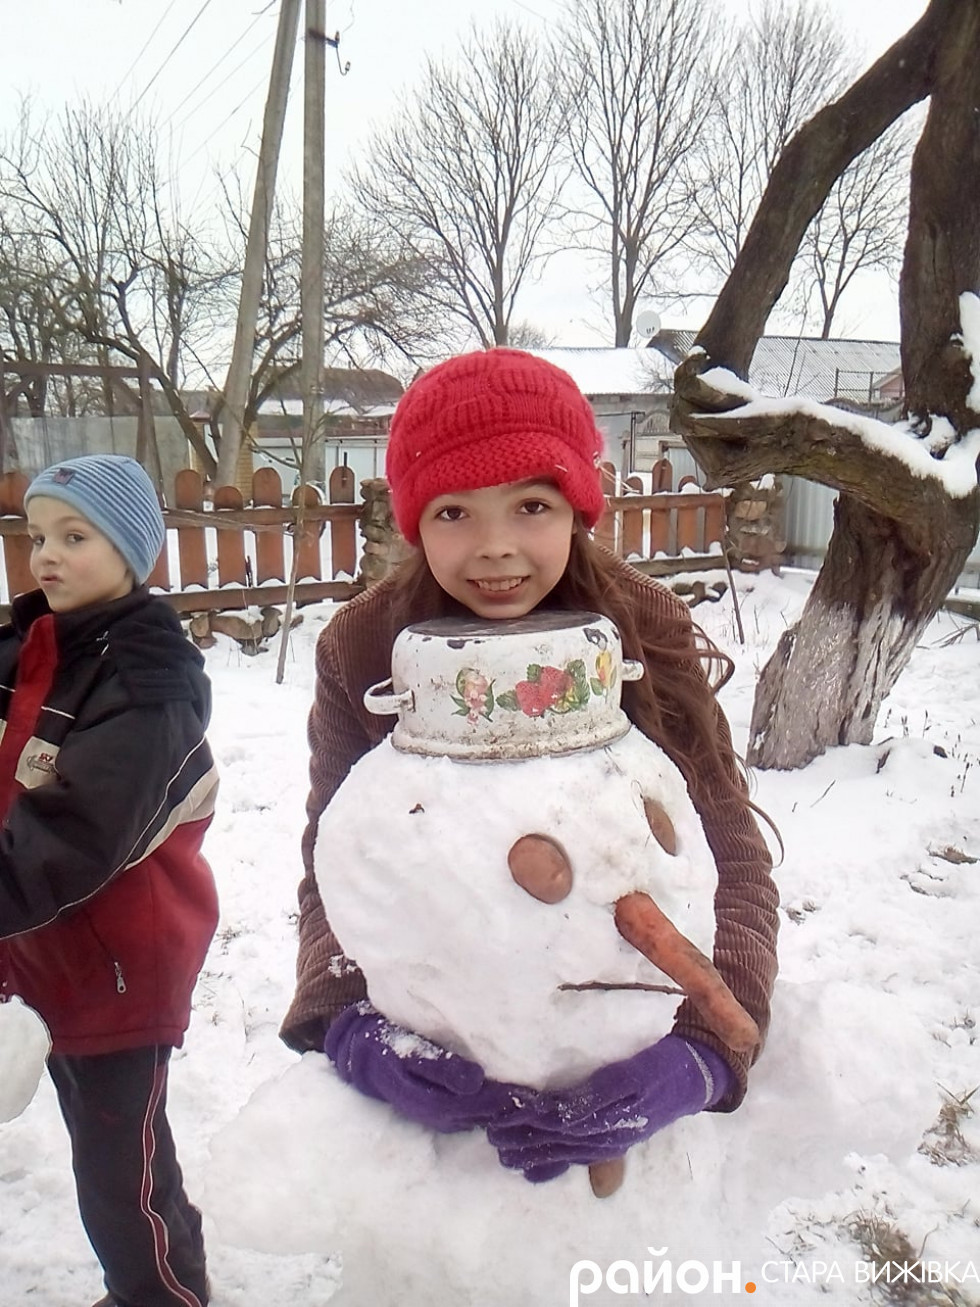 Сніговика так і хочеться заобіймати!